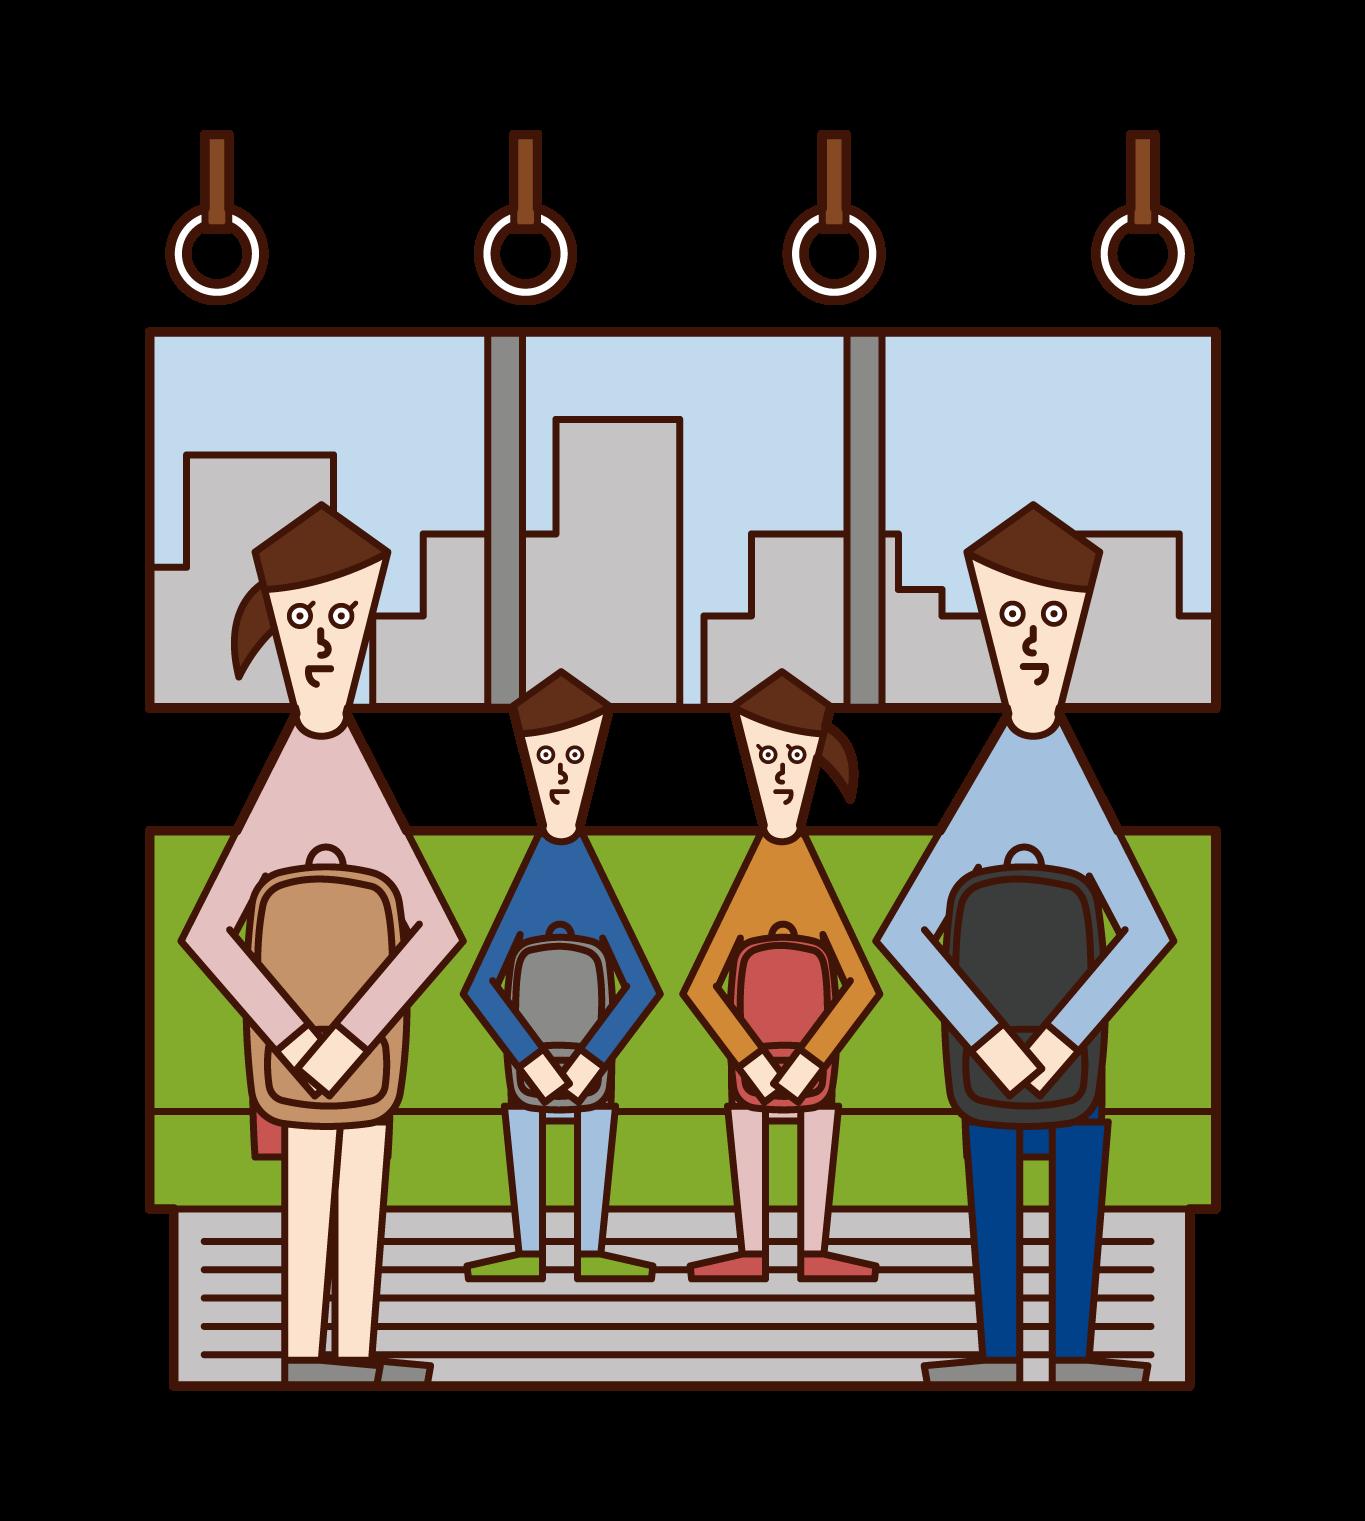 火車上的家庭插圖